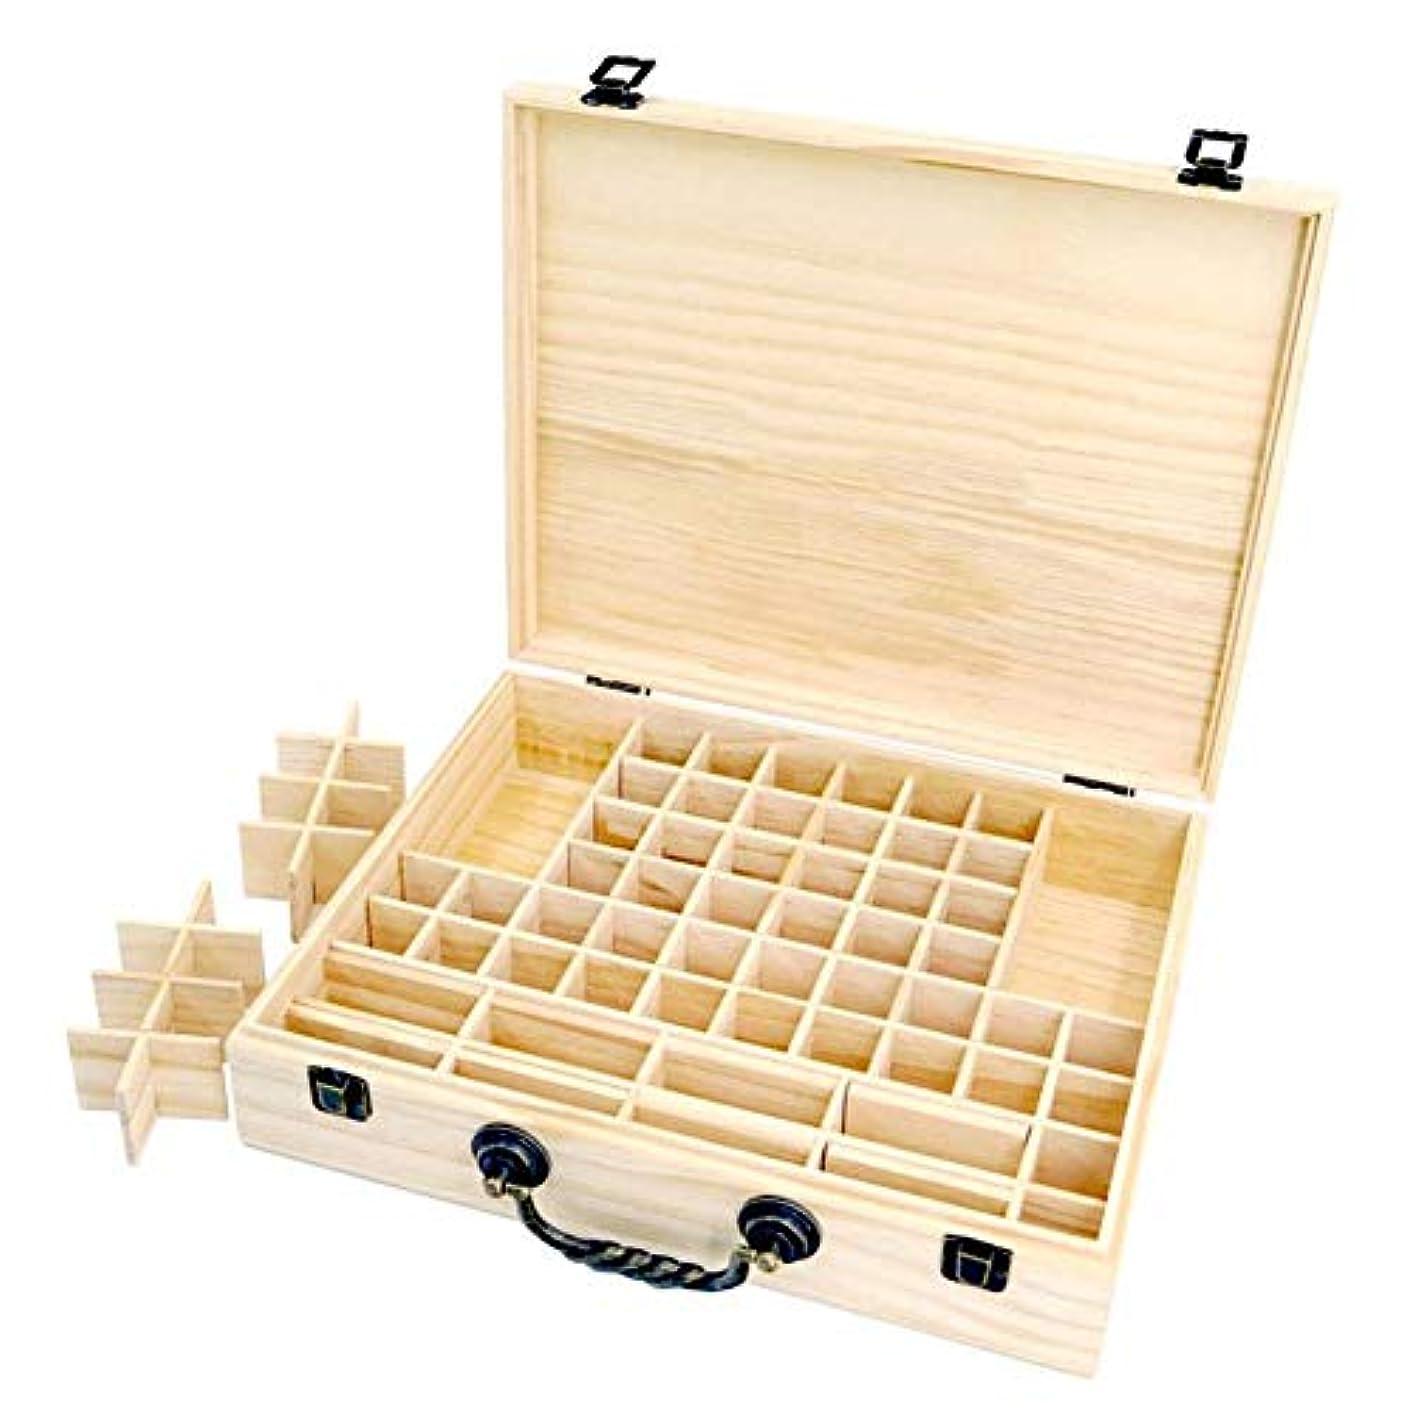 誇大妄想赤字変わるエッセンシャルオイル収納ボックス 純木の精油の収納箱 香水収納ケース アロマオイル収納ボックス 70本用